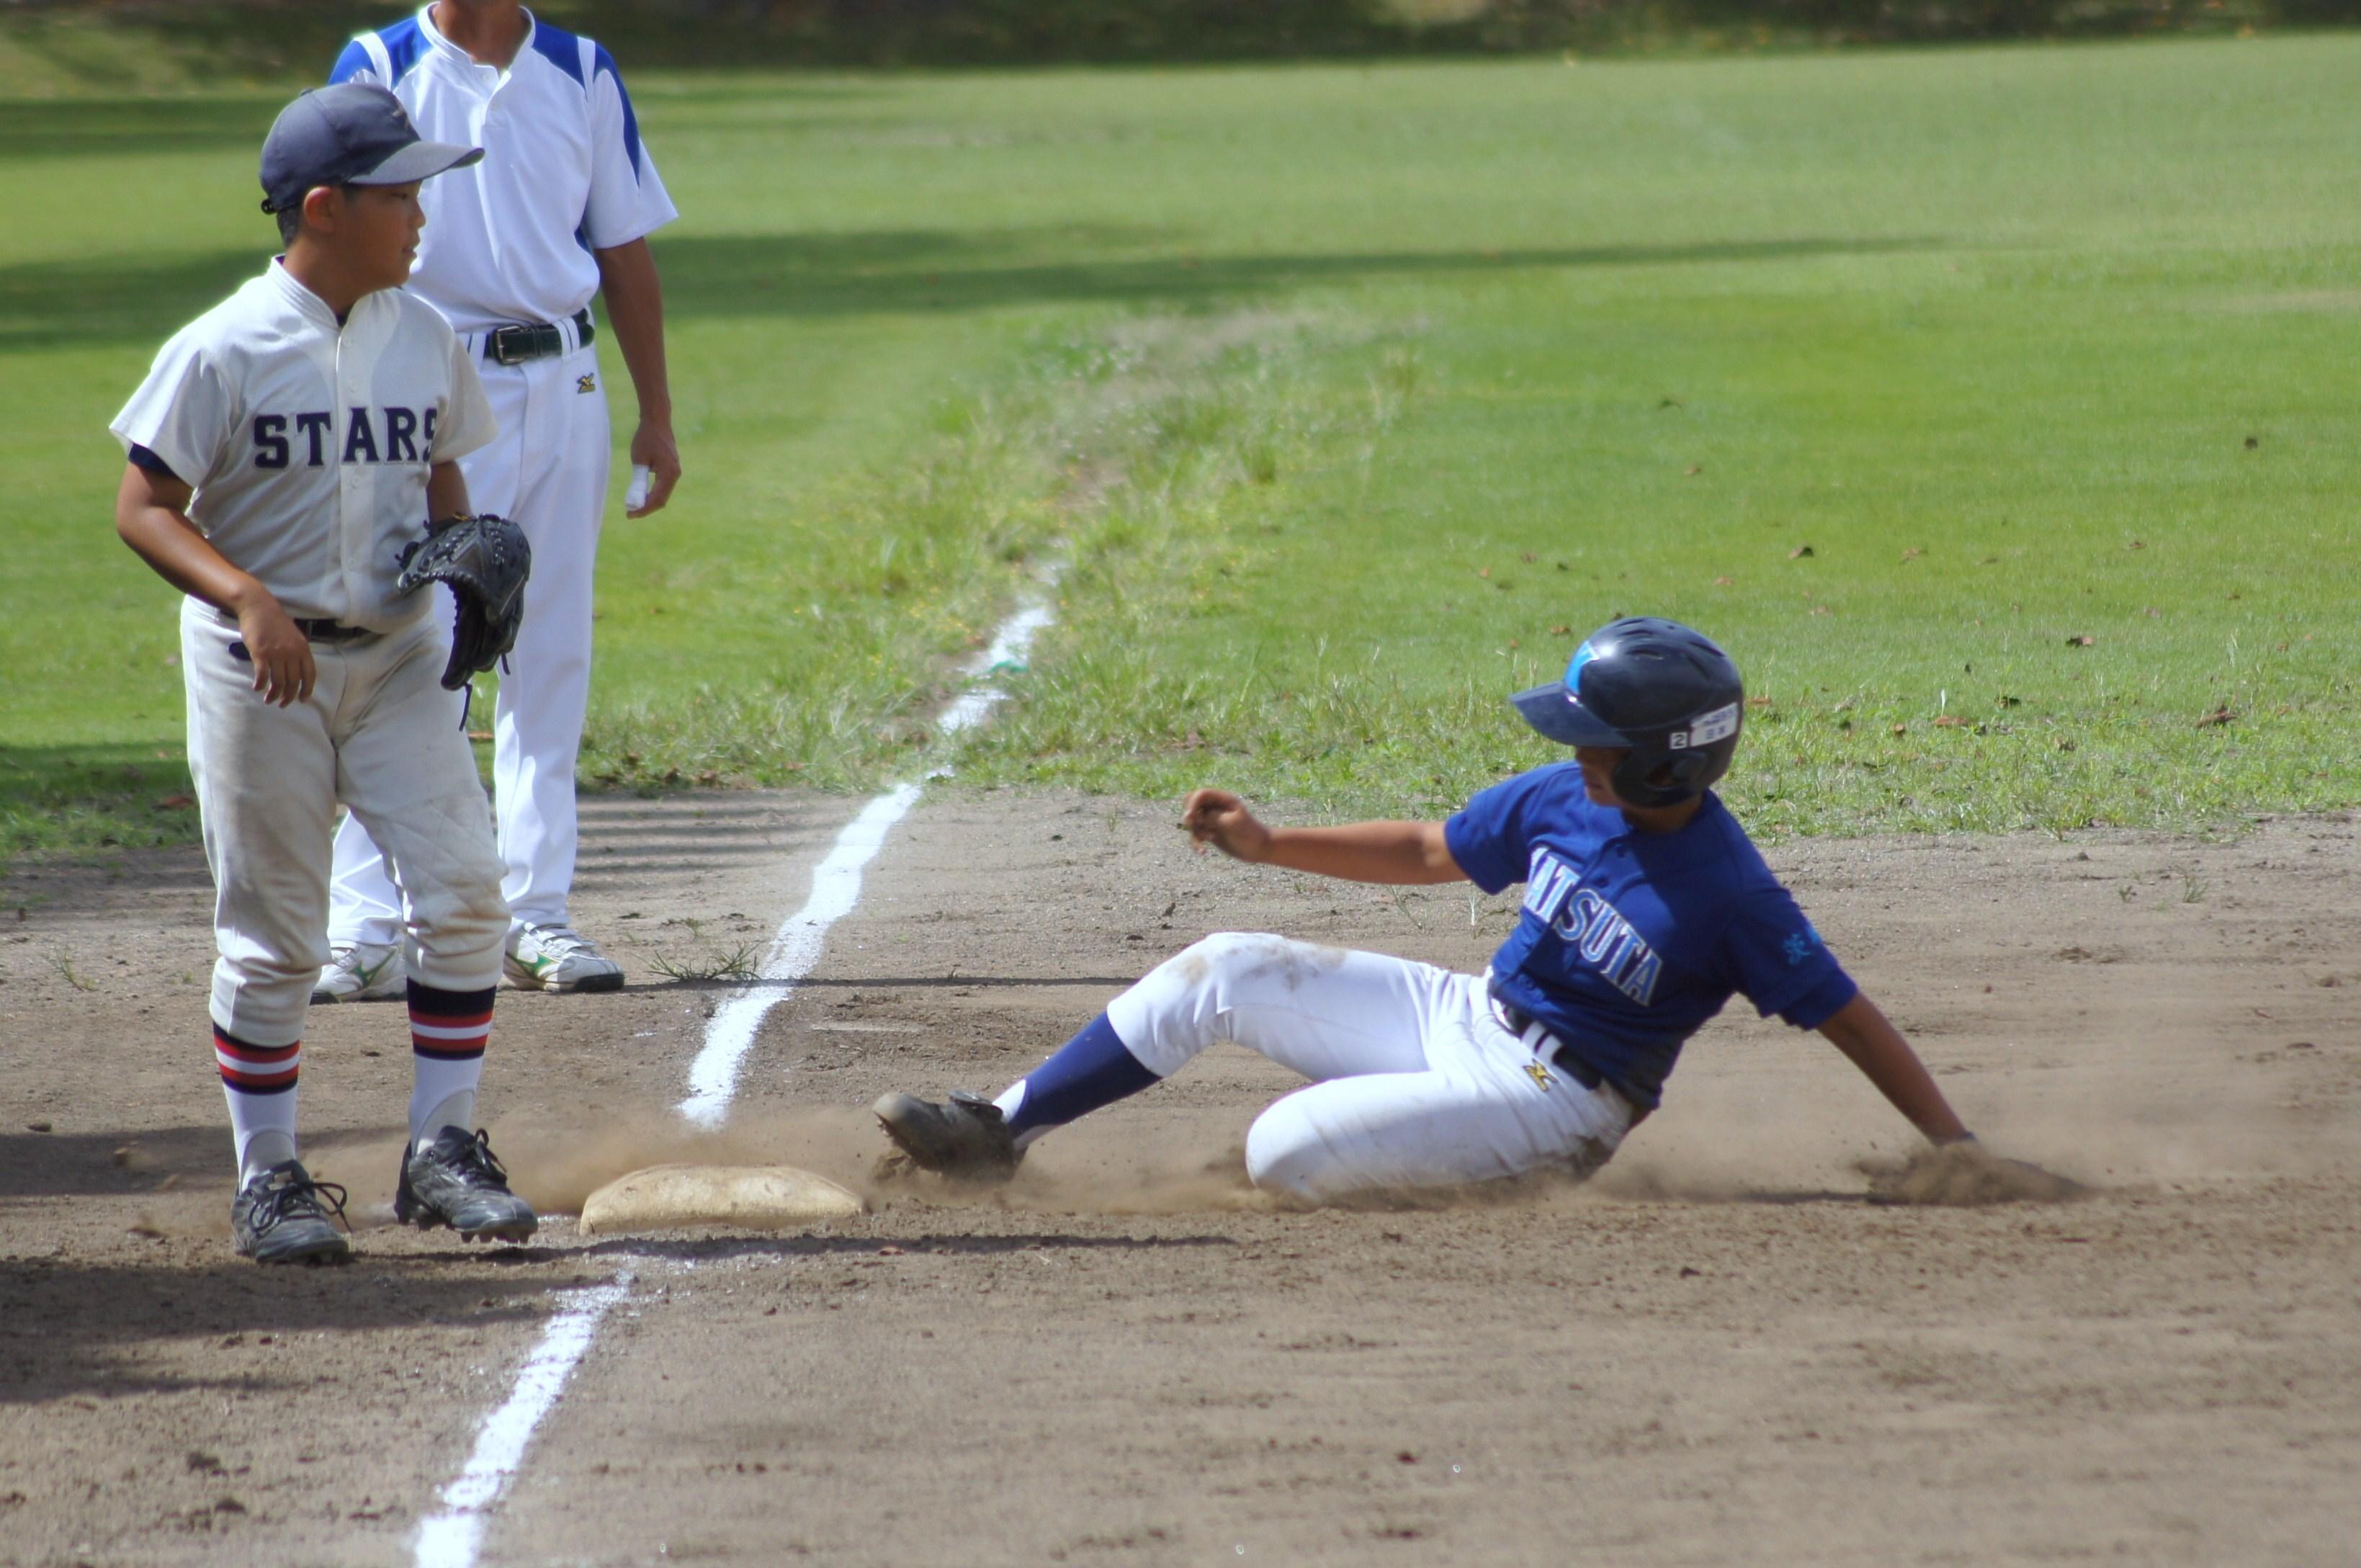 少年野球スライディング練習